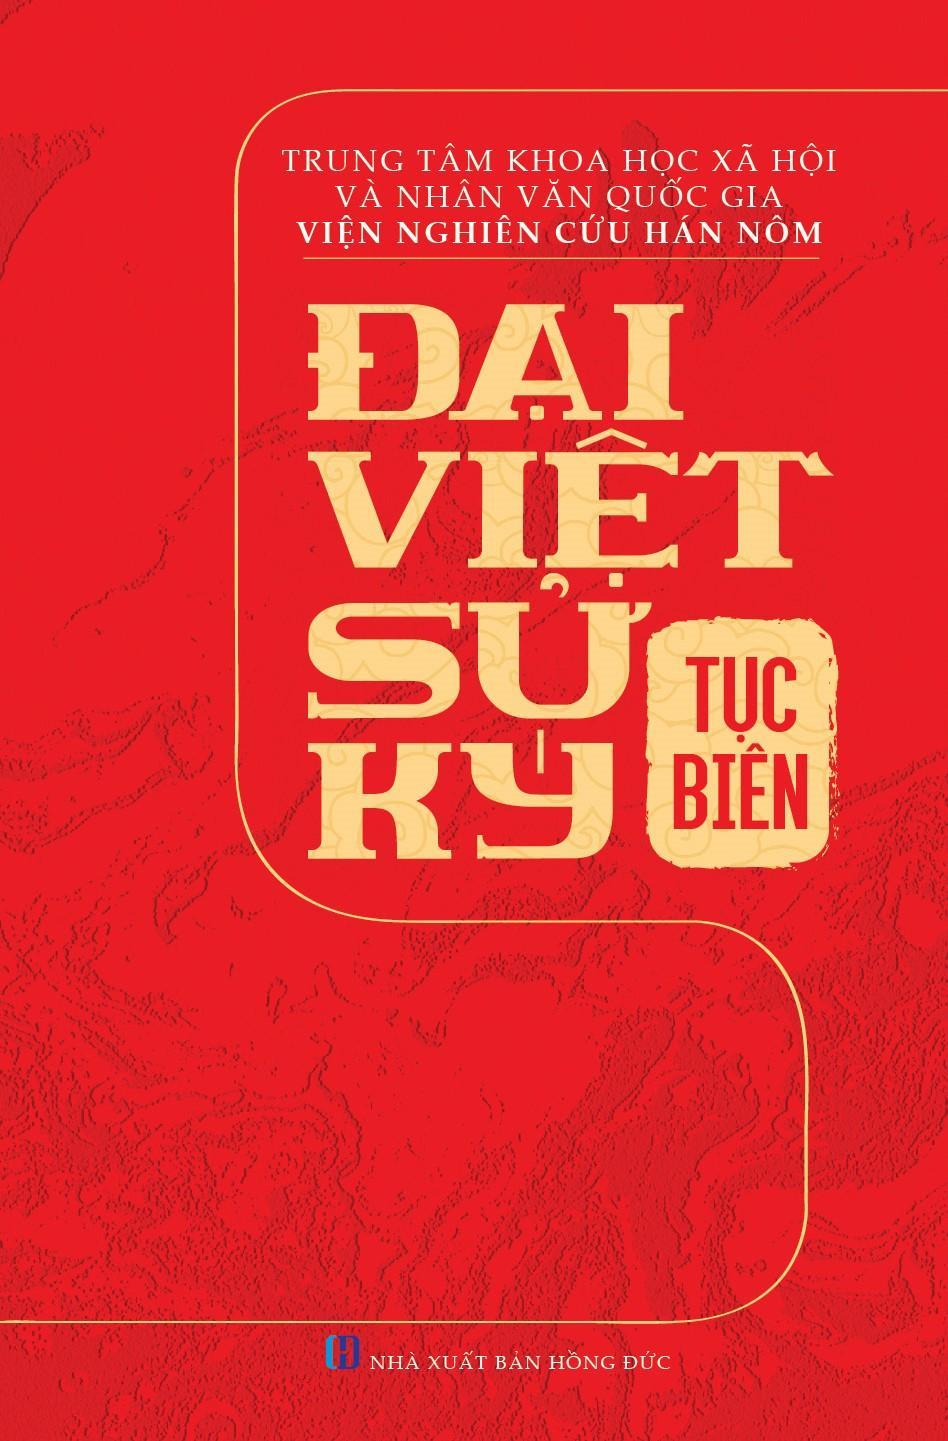 Mua Đại Việt Sử Ký Tục Biên (1676 - 1789);  (Tái Bản Có Bổ Sung, Chỉnh Lý)